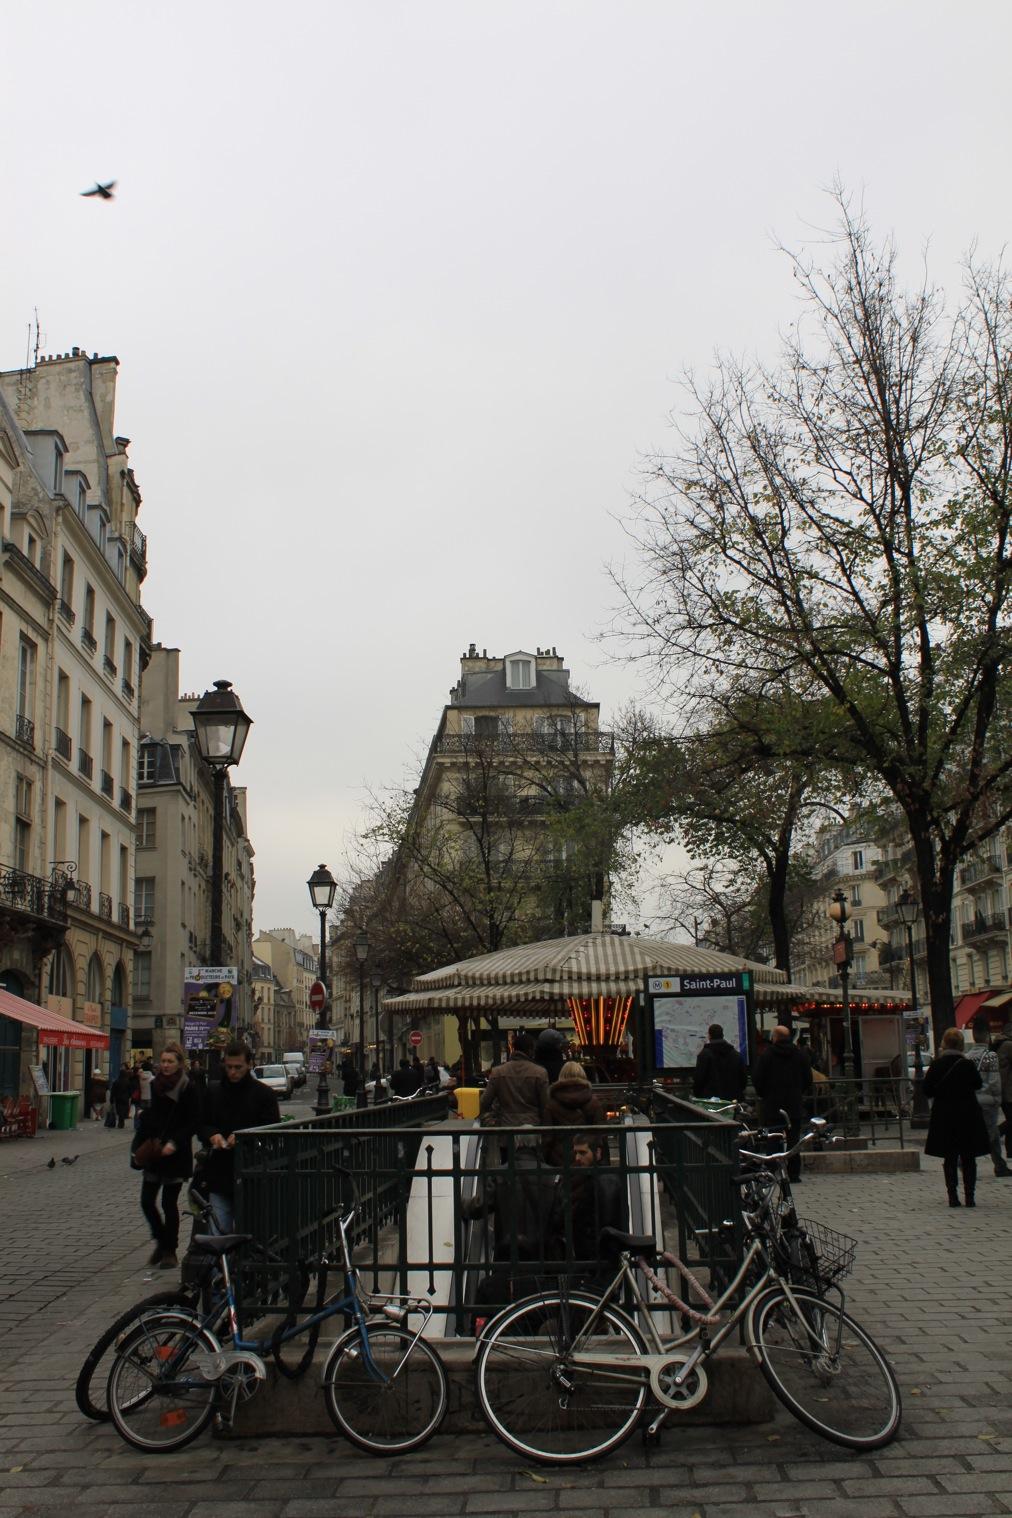 パリ、ぶらぶら_a0137487_19551173.jpg